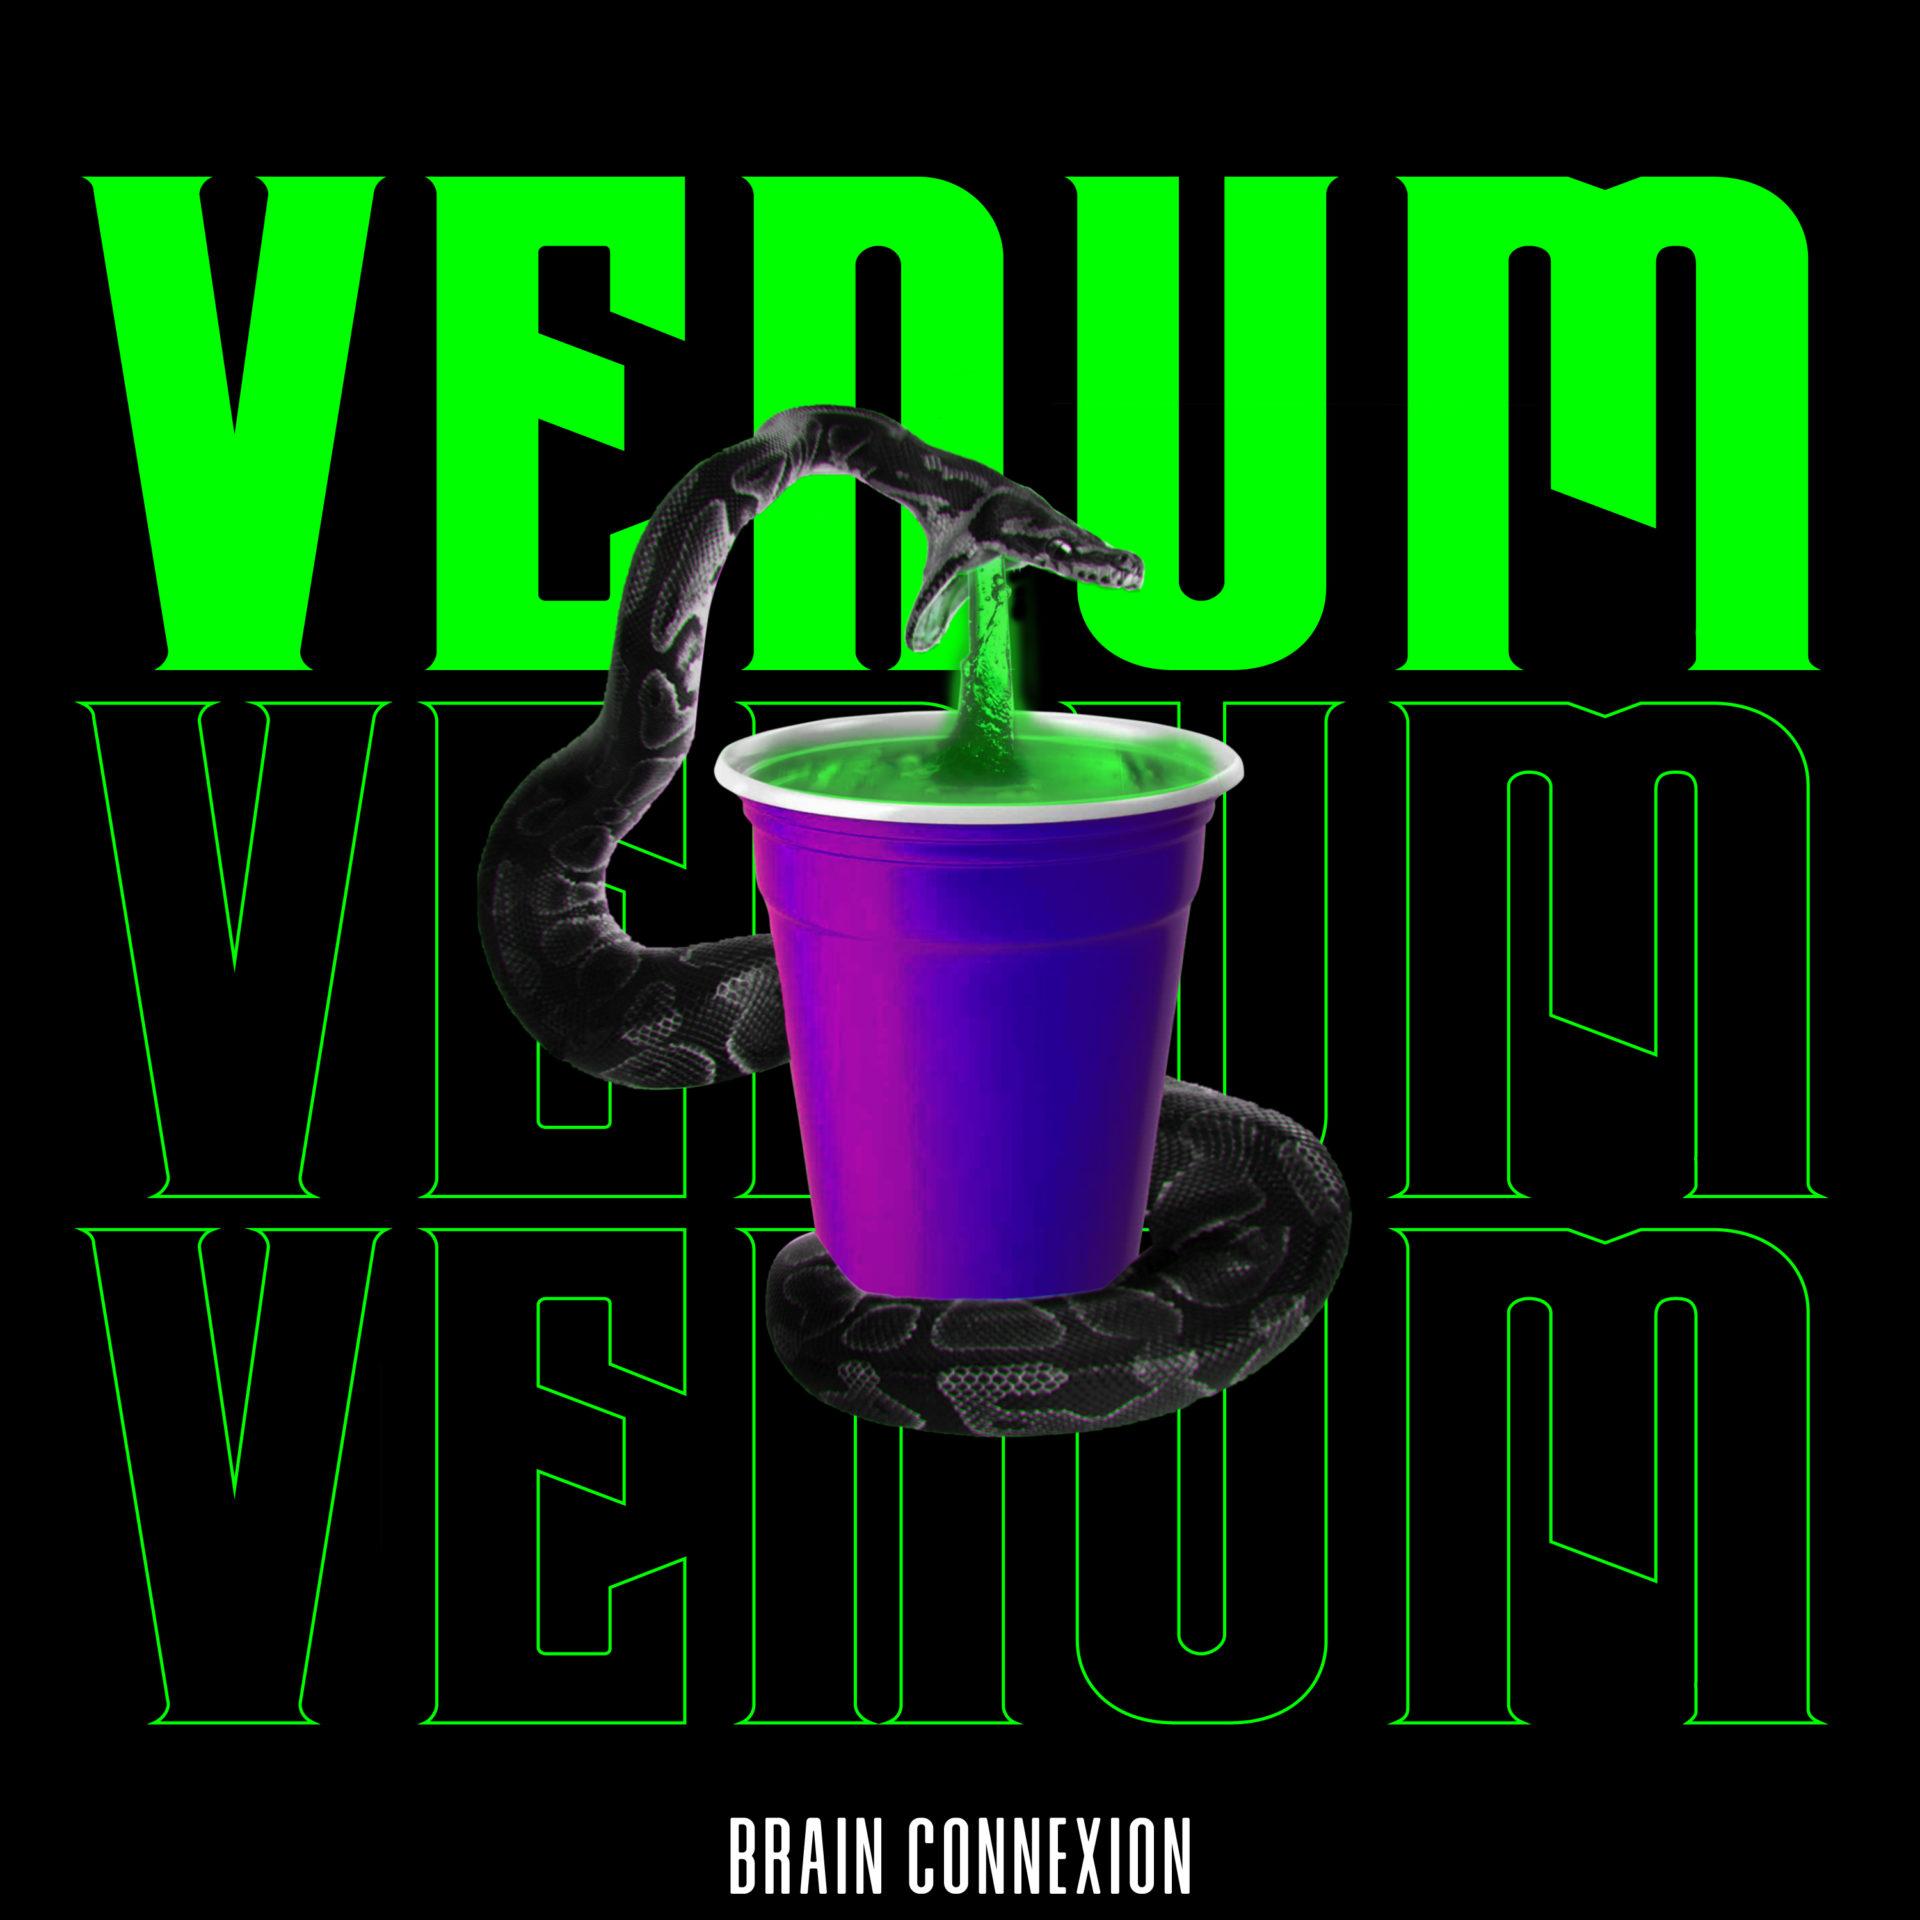 BRAIN CONNEXION VENUM